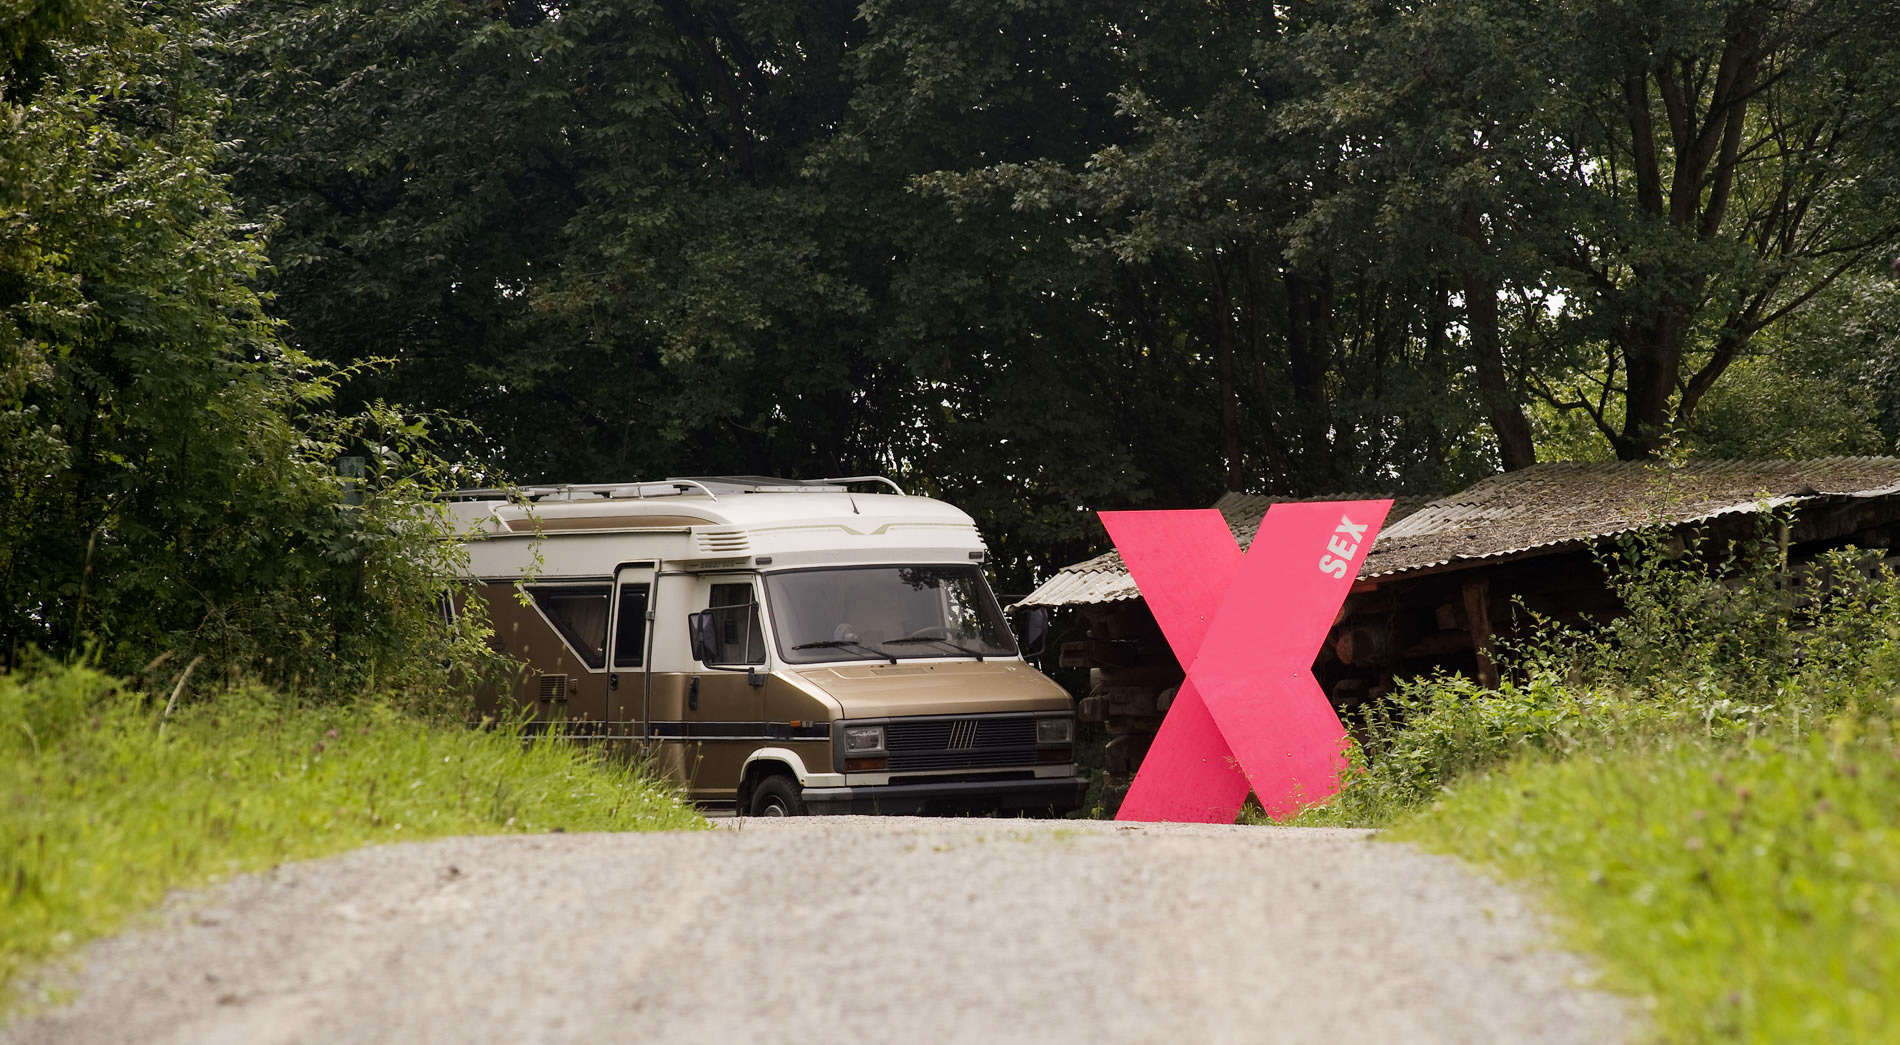 Infostation Sex der Jahresausstellung 2008 des Freilichtmuseum Detmold